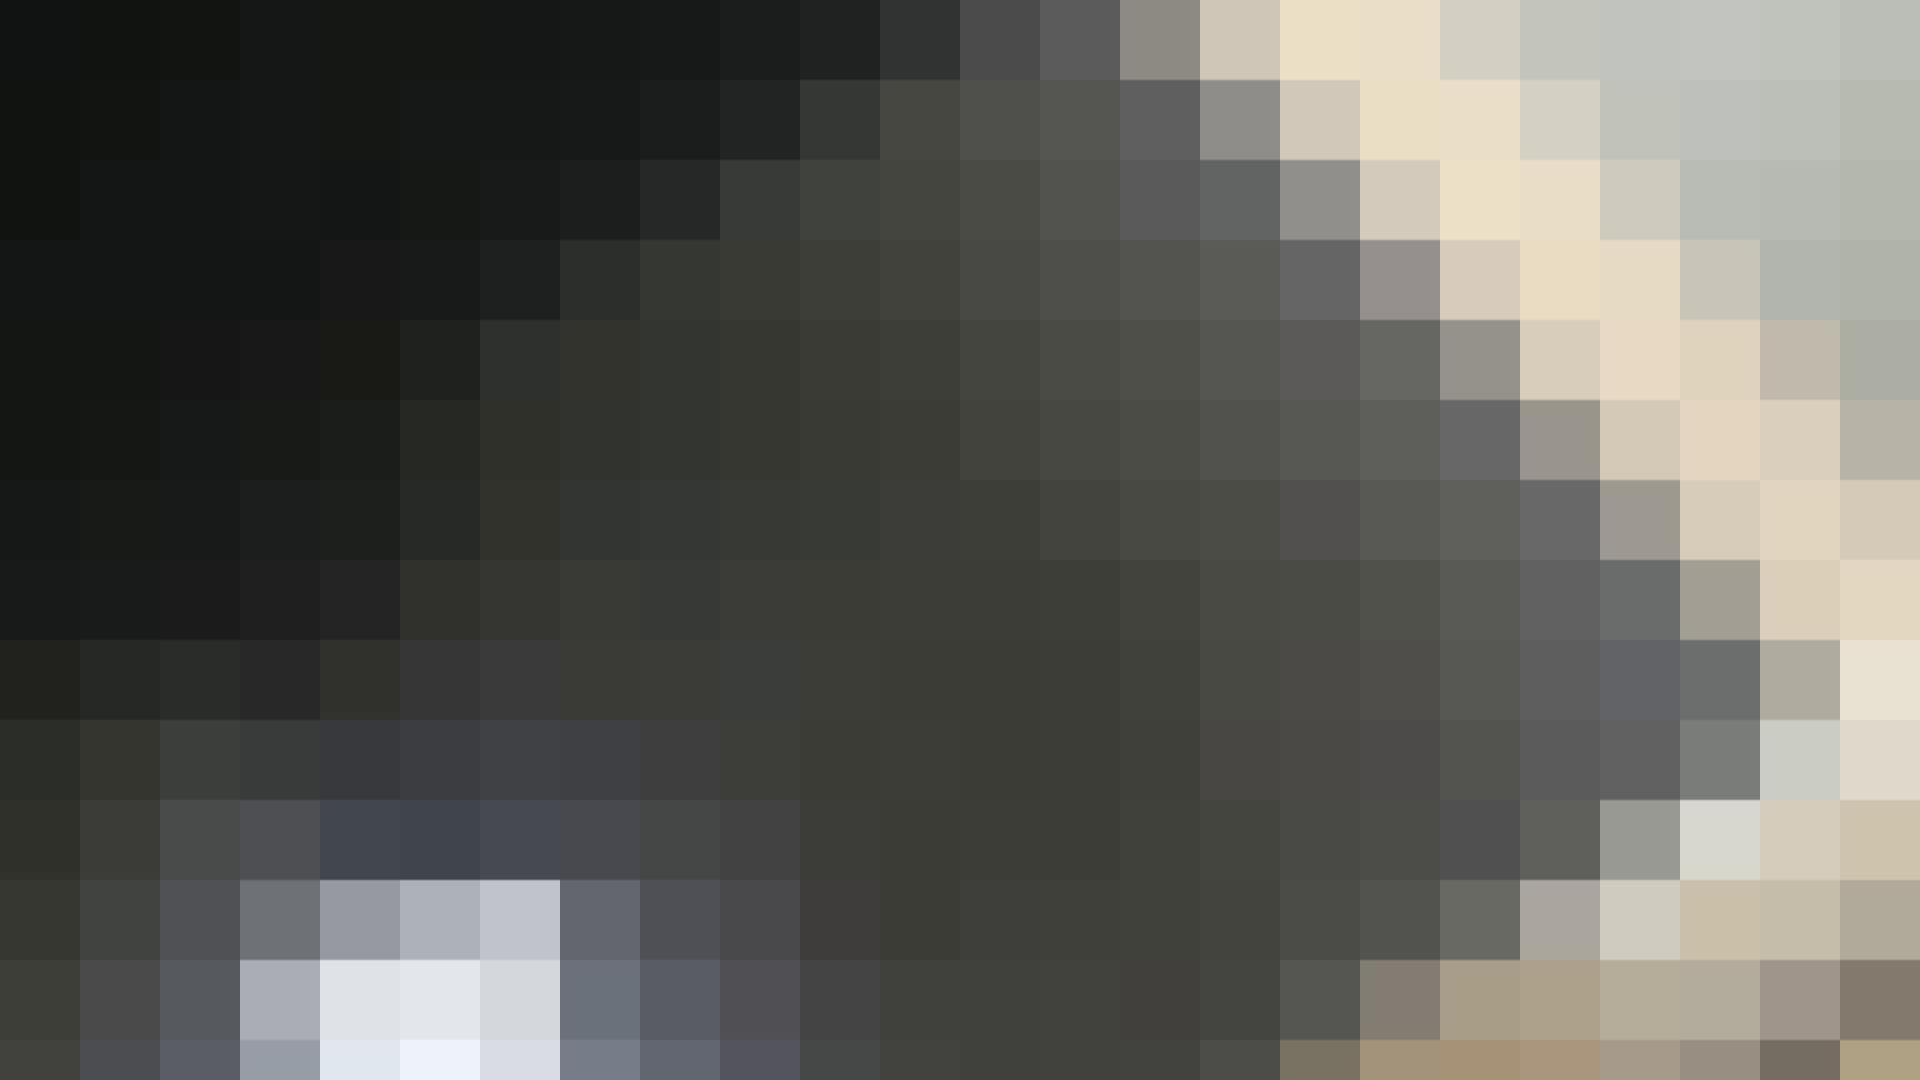 阿国ちゃんの「和式洋式七変化」No.16 洗面所  56PIX 11